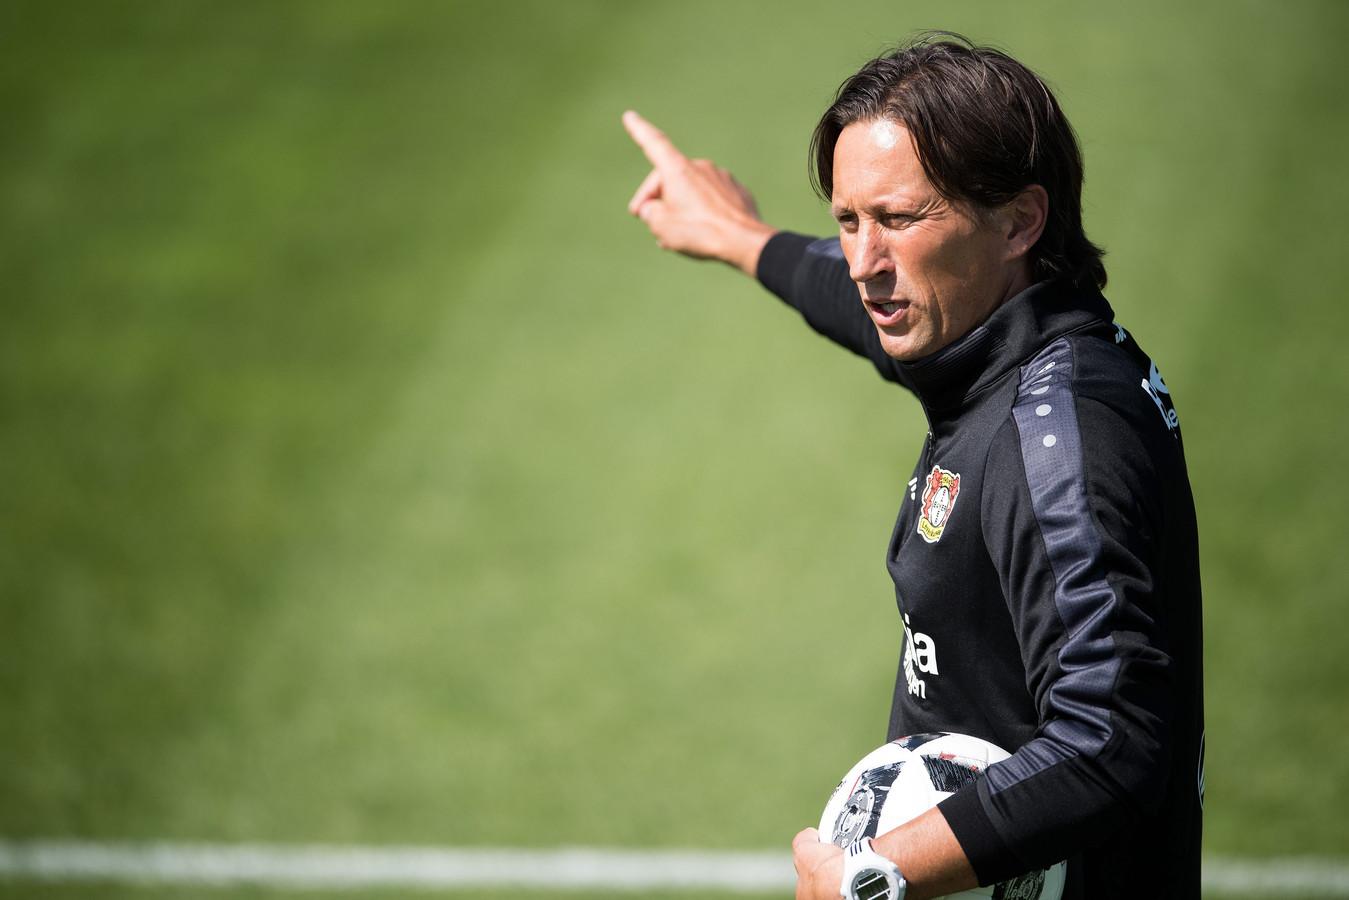 Als trainer van Bayer Leverkusen ging Roger Schmidt al met zijn ploeg naar Marienfeld, om zich daar op het nieuwe seizoen voor te bereiden.